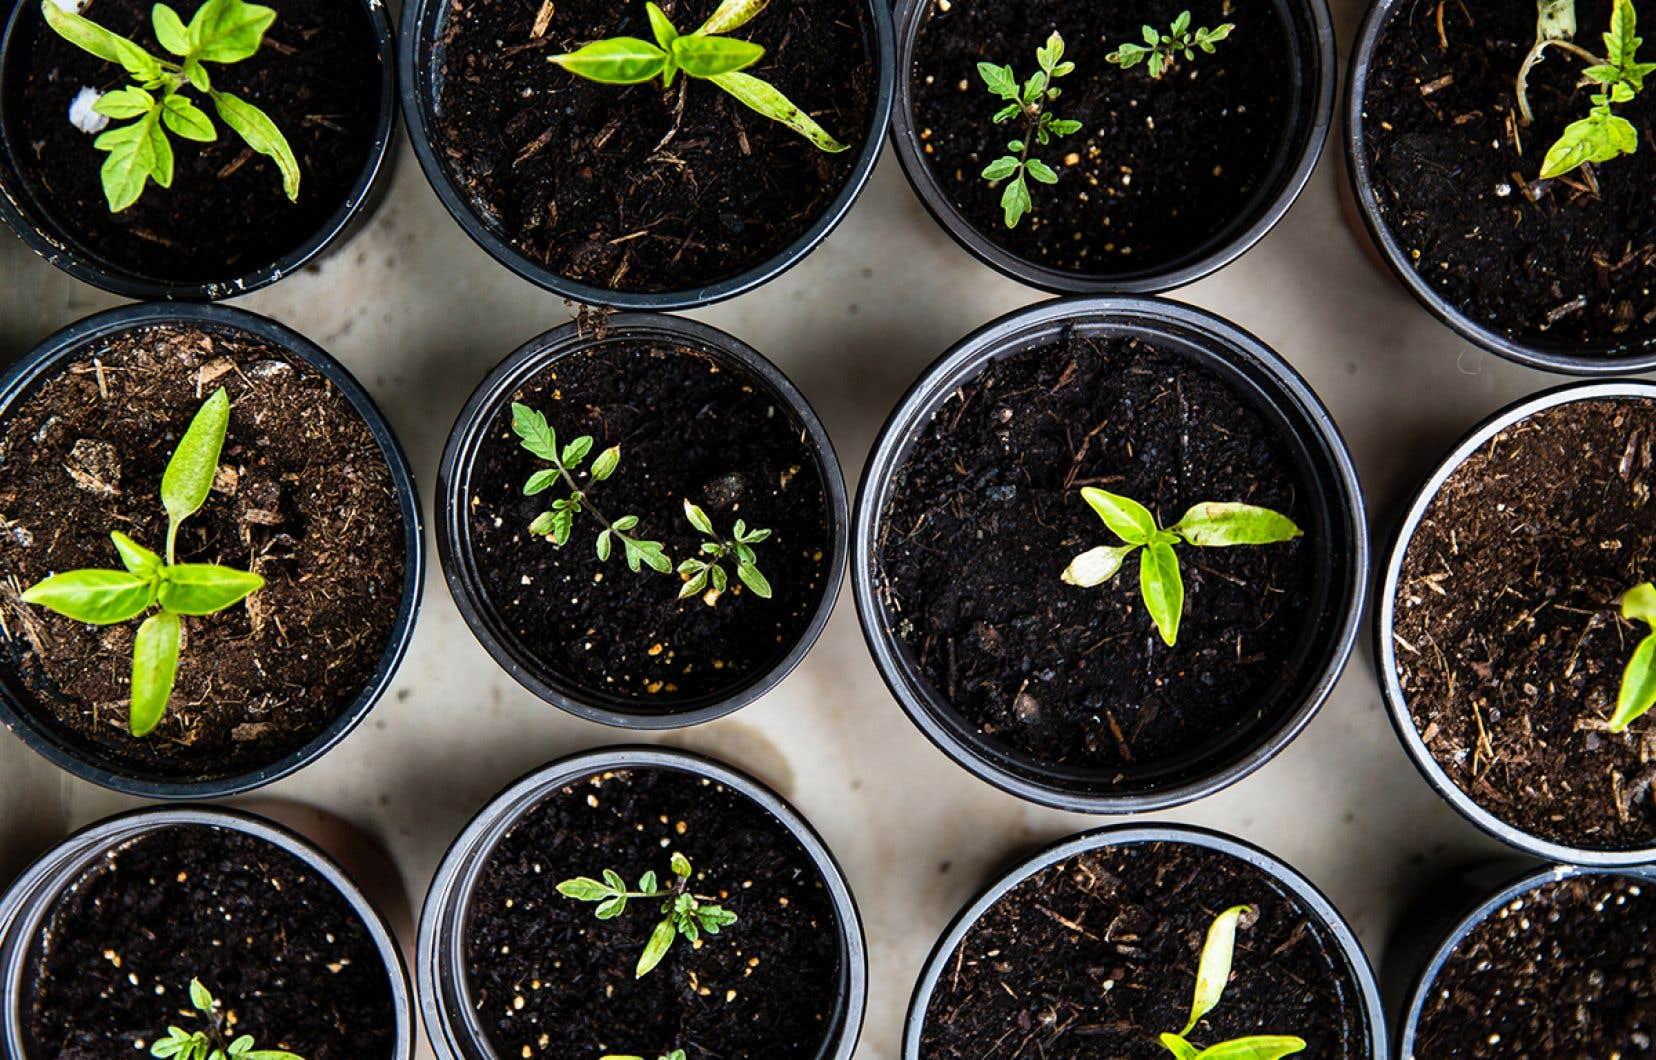 C'est le moment de jardiner dans la maison avec nos semis intérieurs et si vous les démarrez vous-mêmes, ils auront besoin d'une bonne dose de lumière.